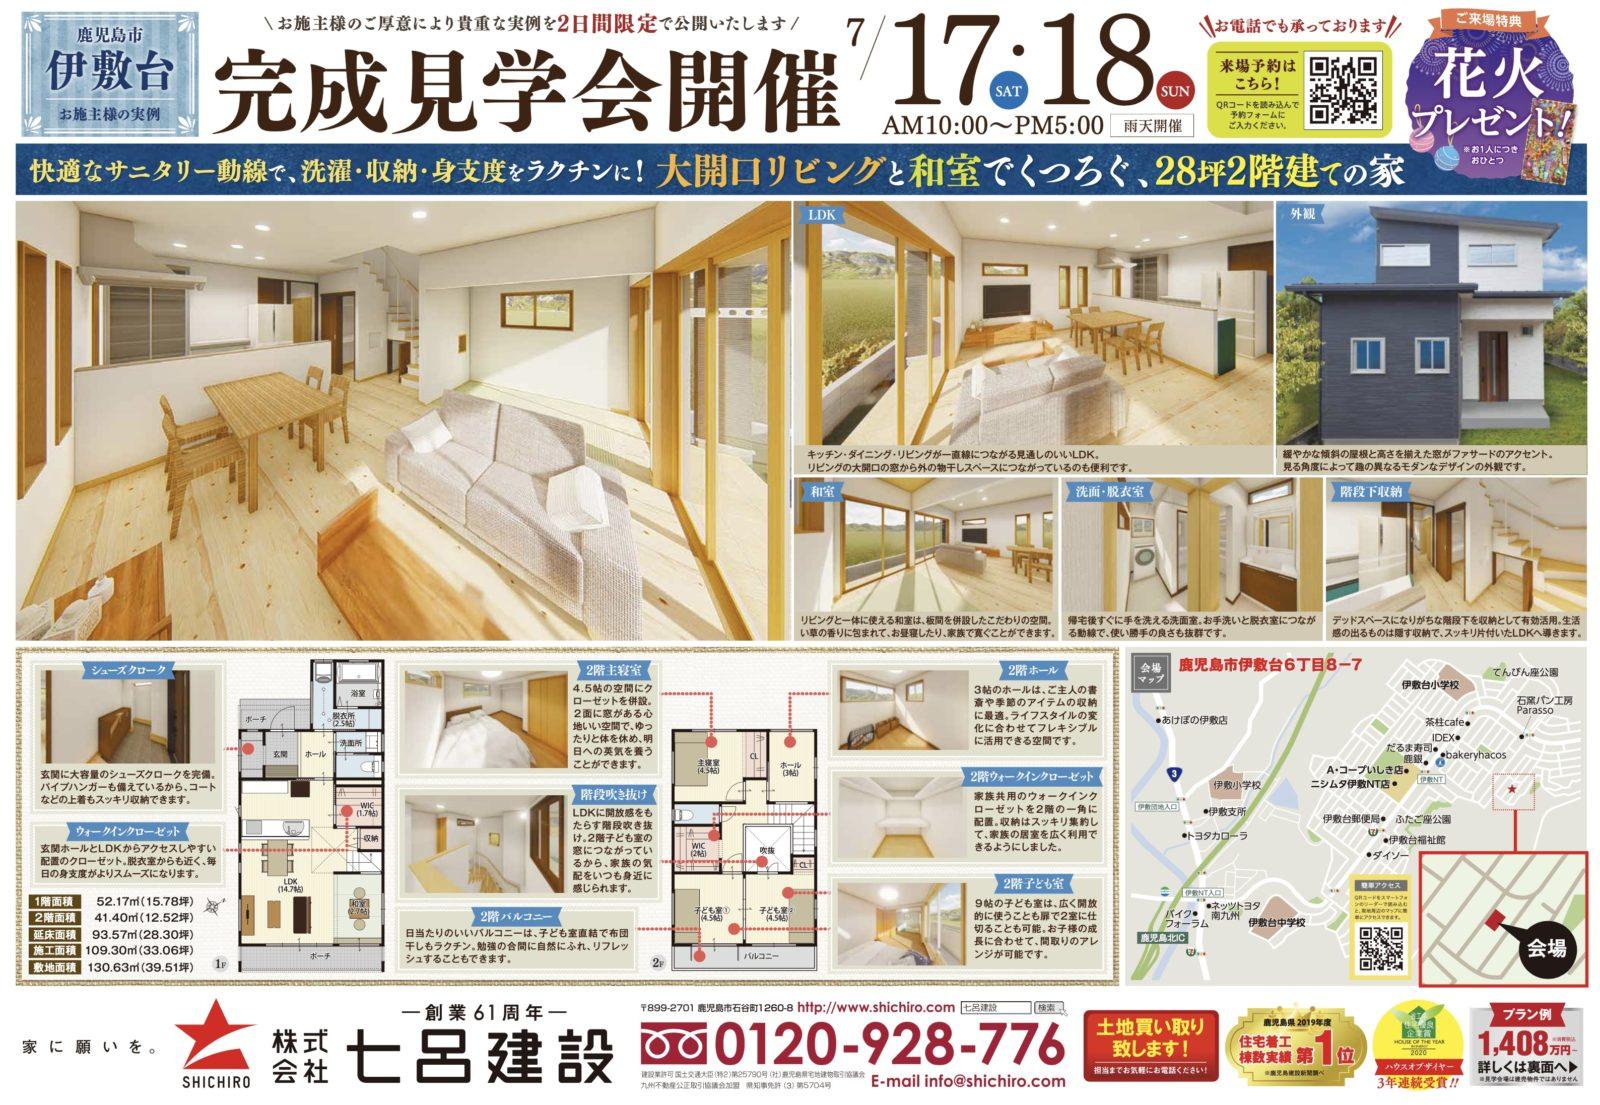 鹿児島市伊敷台で完成見学会 大開口リビングと和室でくつろぐ、28坪2階建ての家 | 七呂建設